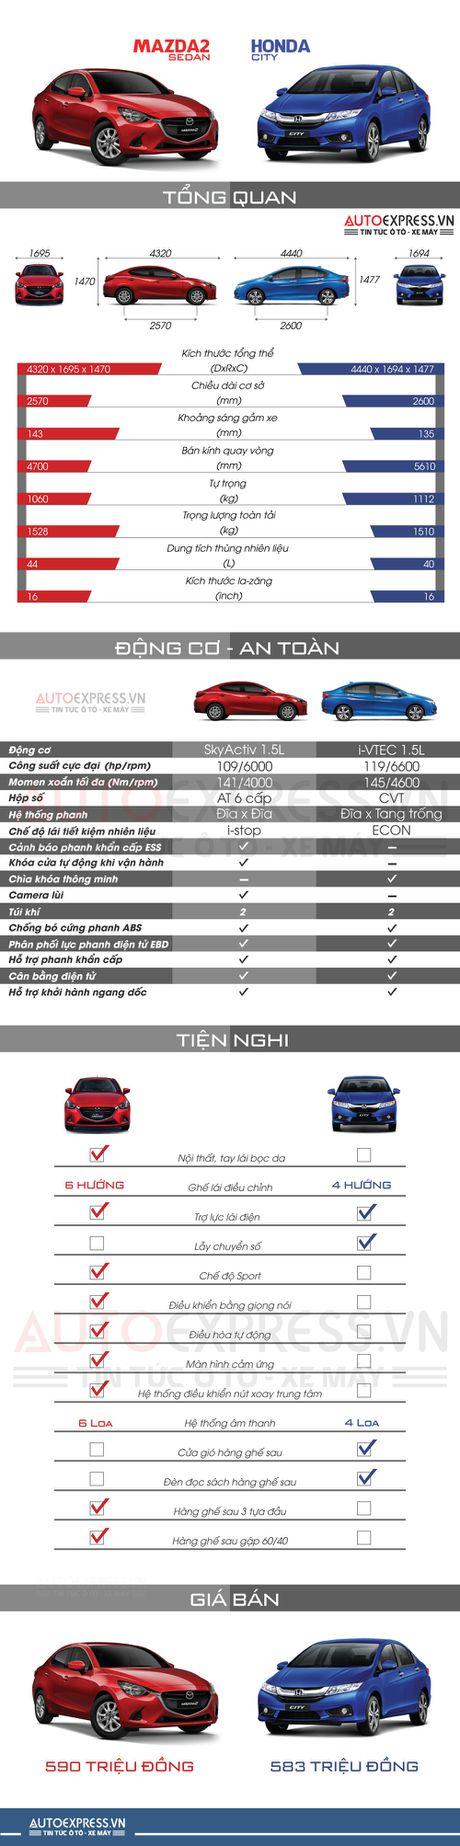 Cung gia ban, chon Mazda 2 sedan hay Honda City CVT - Anh 1